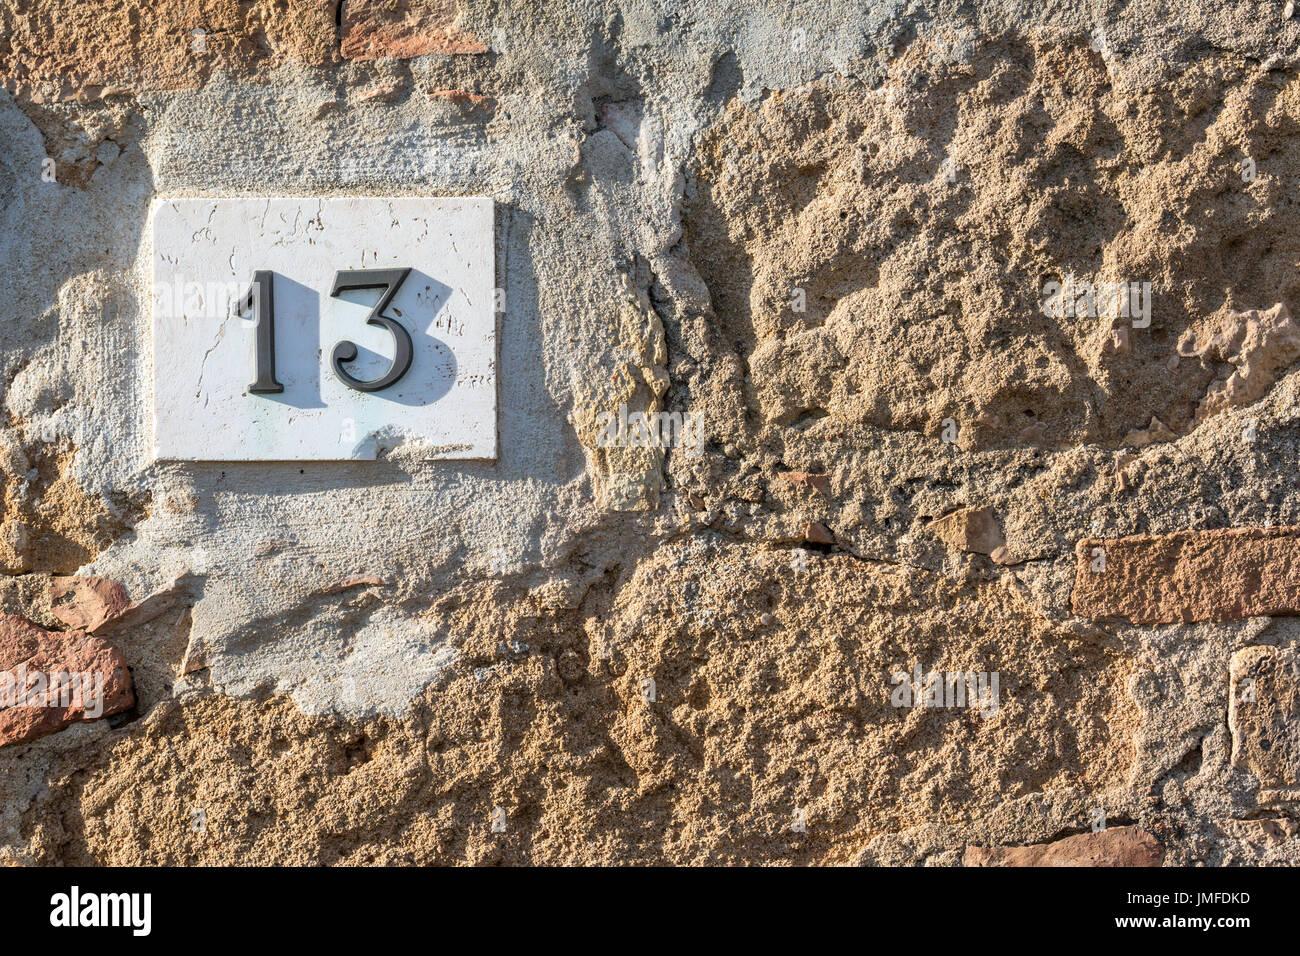 Signe de route sur une maison de la lecture du numéro treize fait de chiffres en métal sur un socle en marbre Photo Stock